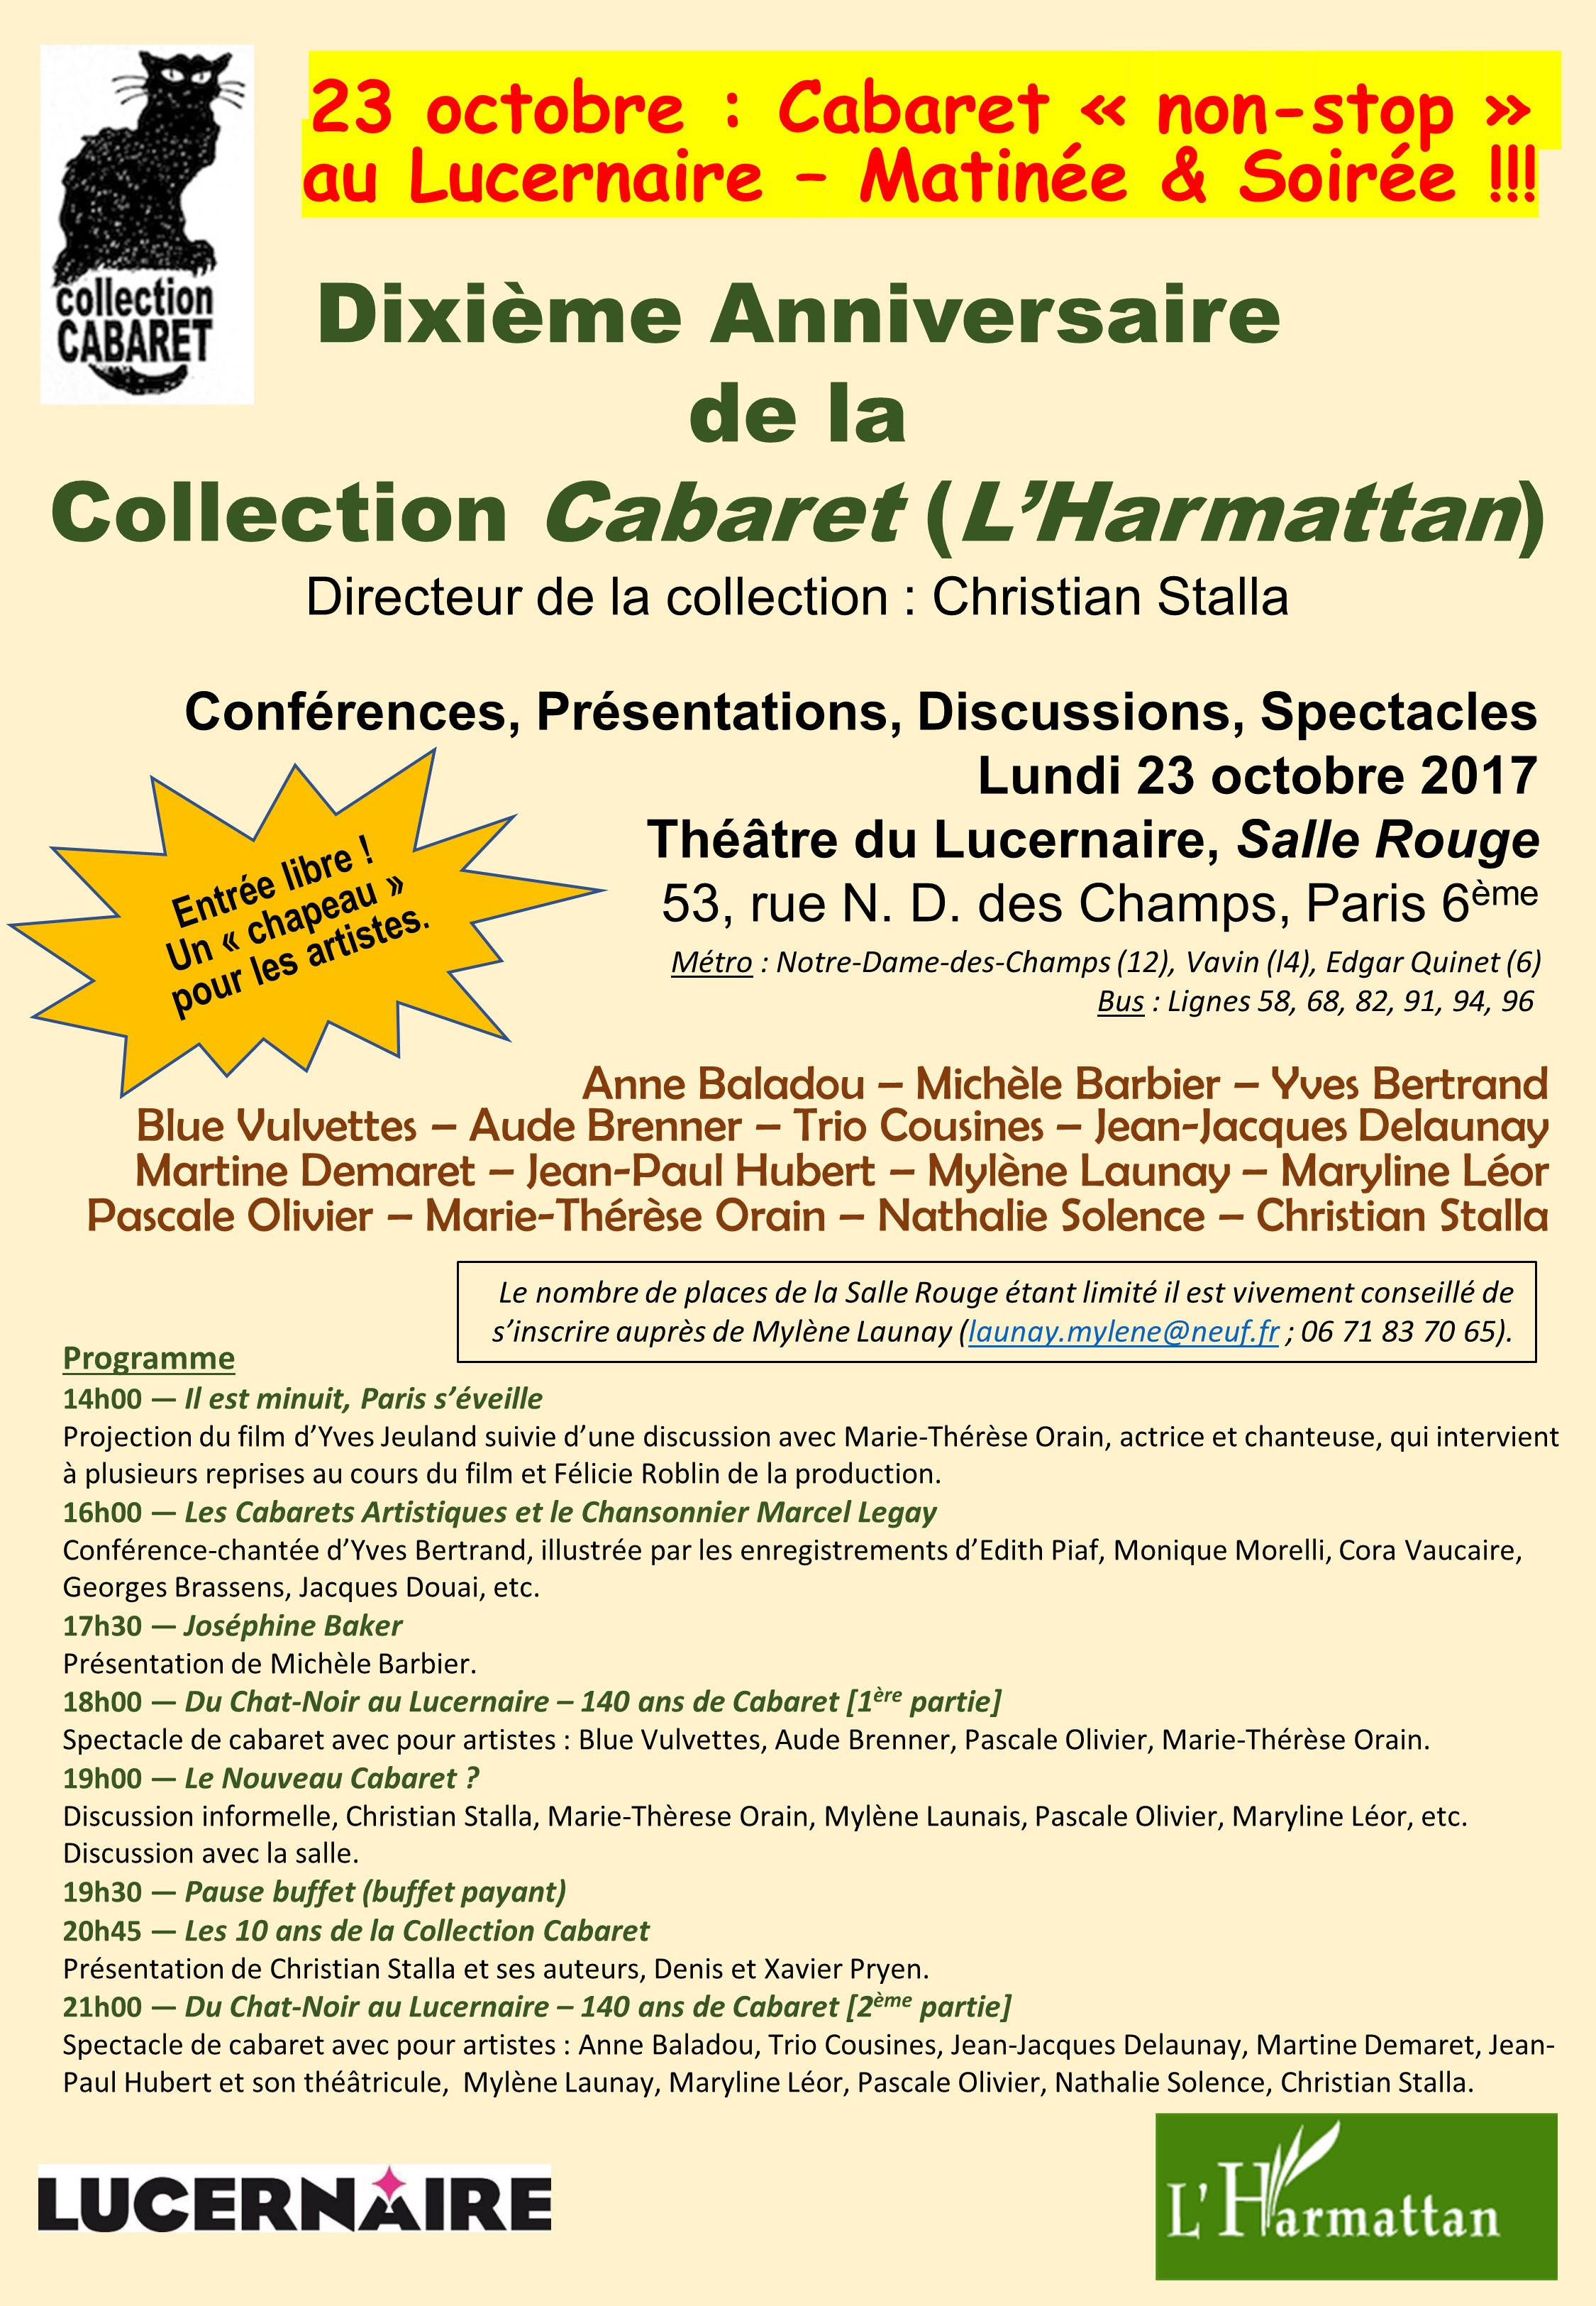 2017-10-23_Affiche_Conférence-chantée au Lucernaire_Paris